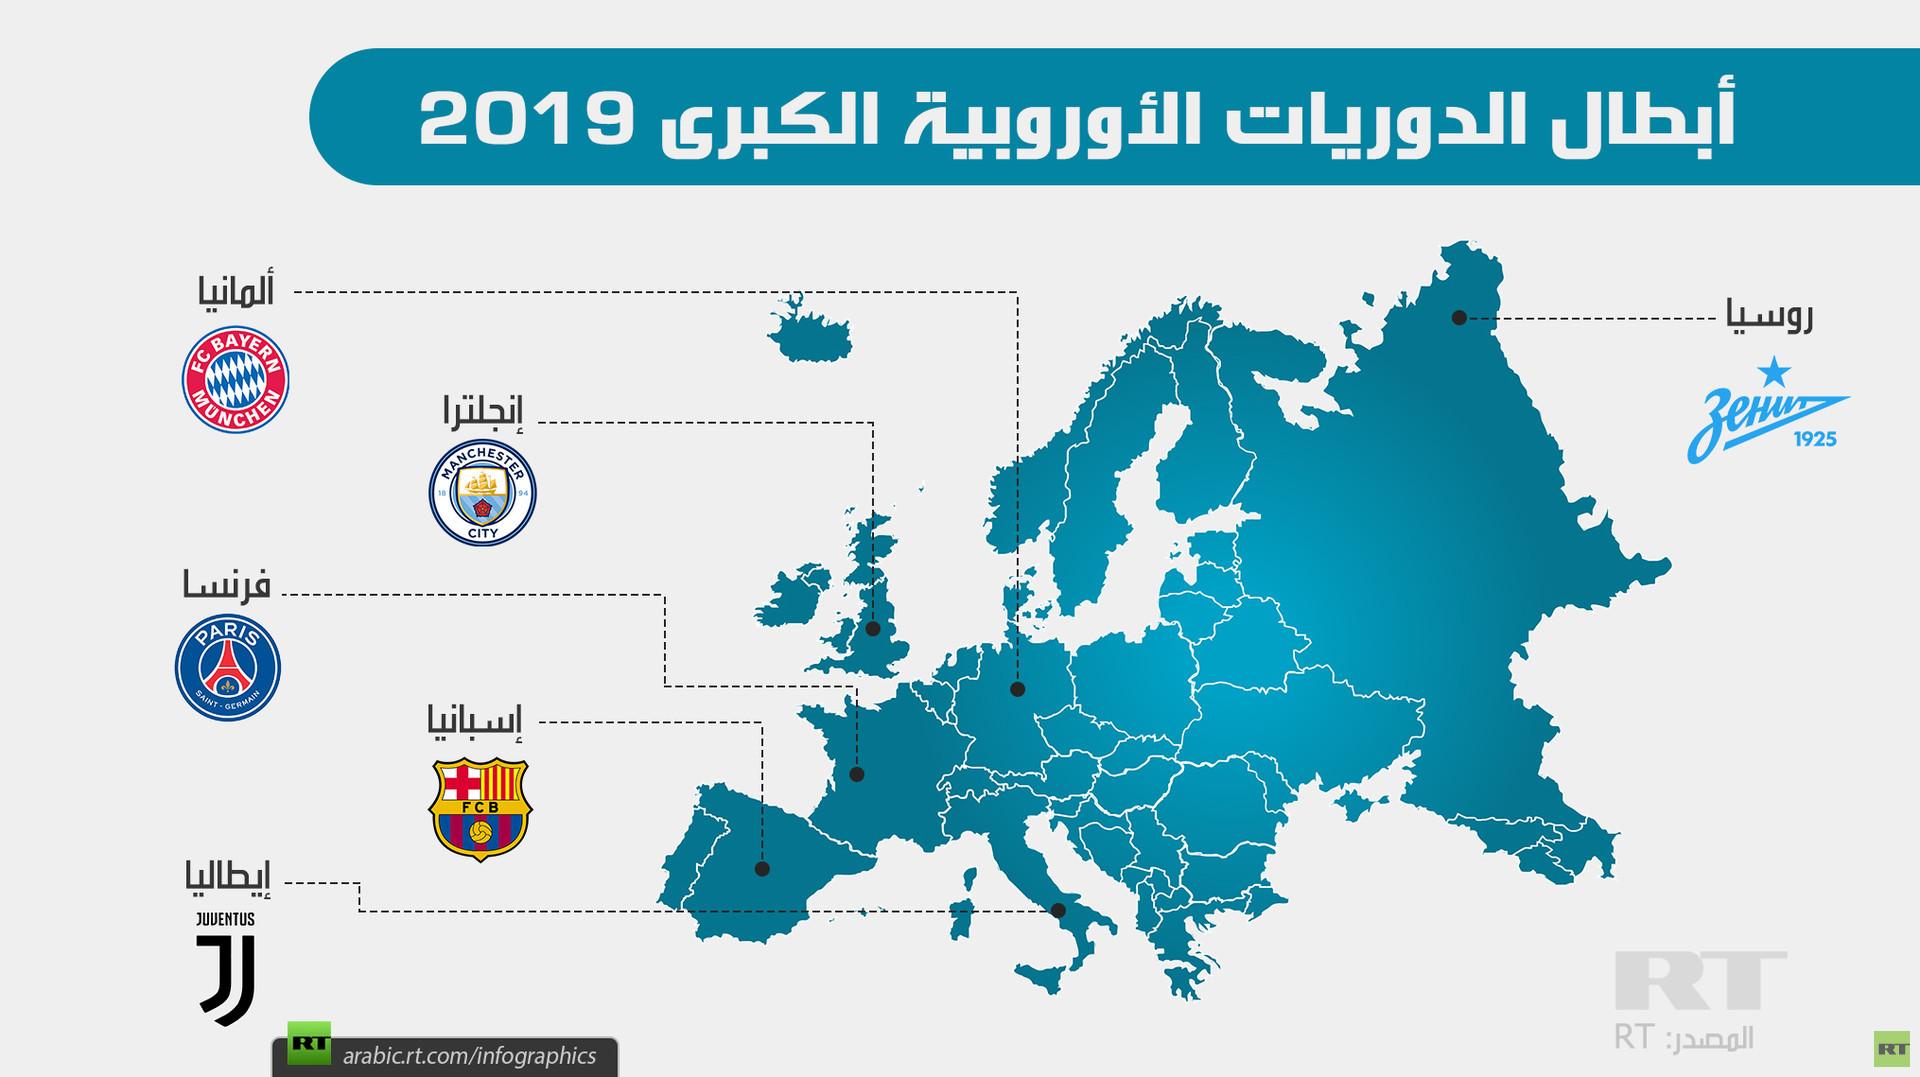 أبطال الدوريات الأوروبية الكبرى 2019